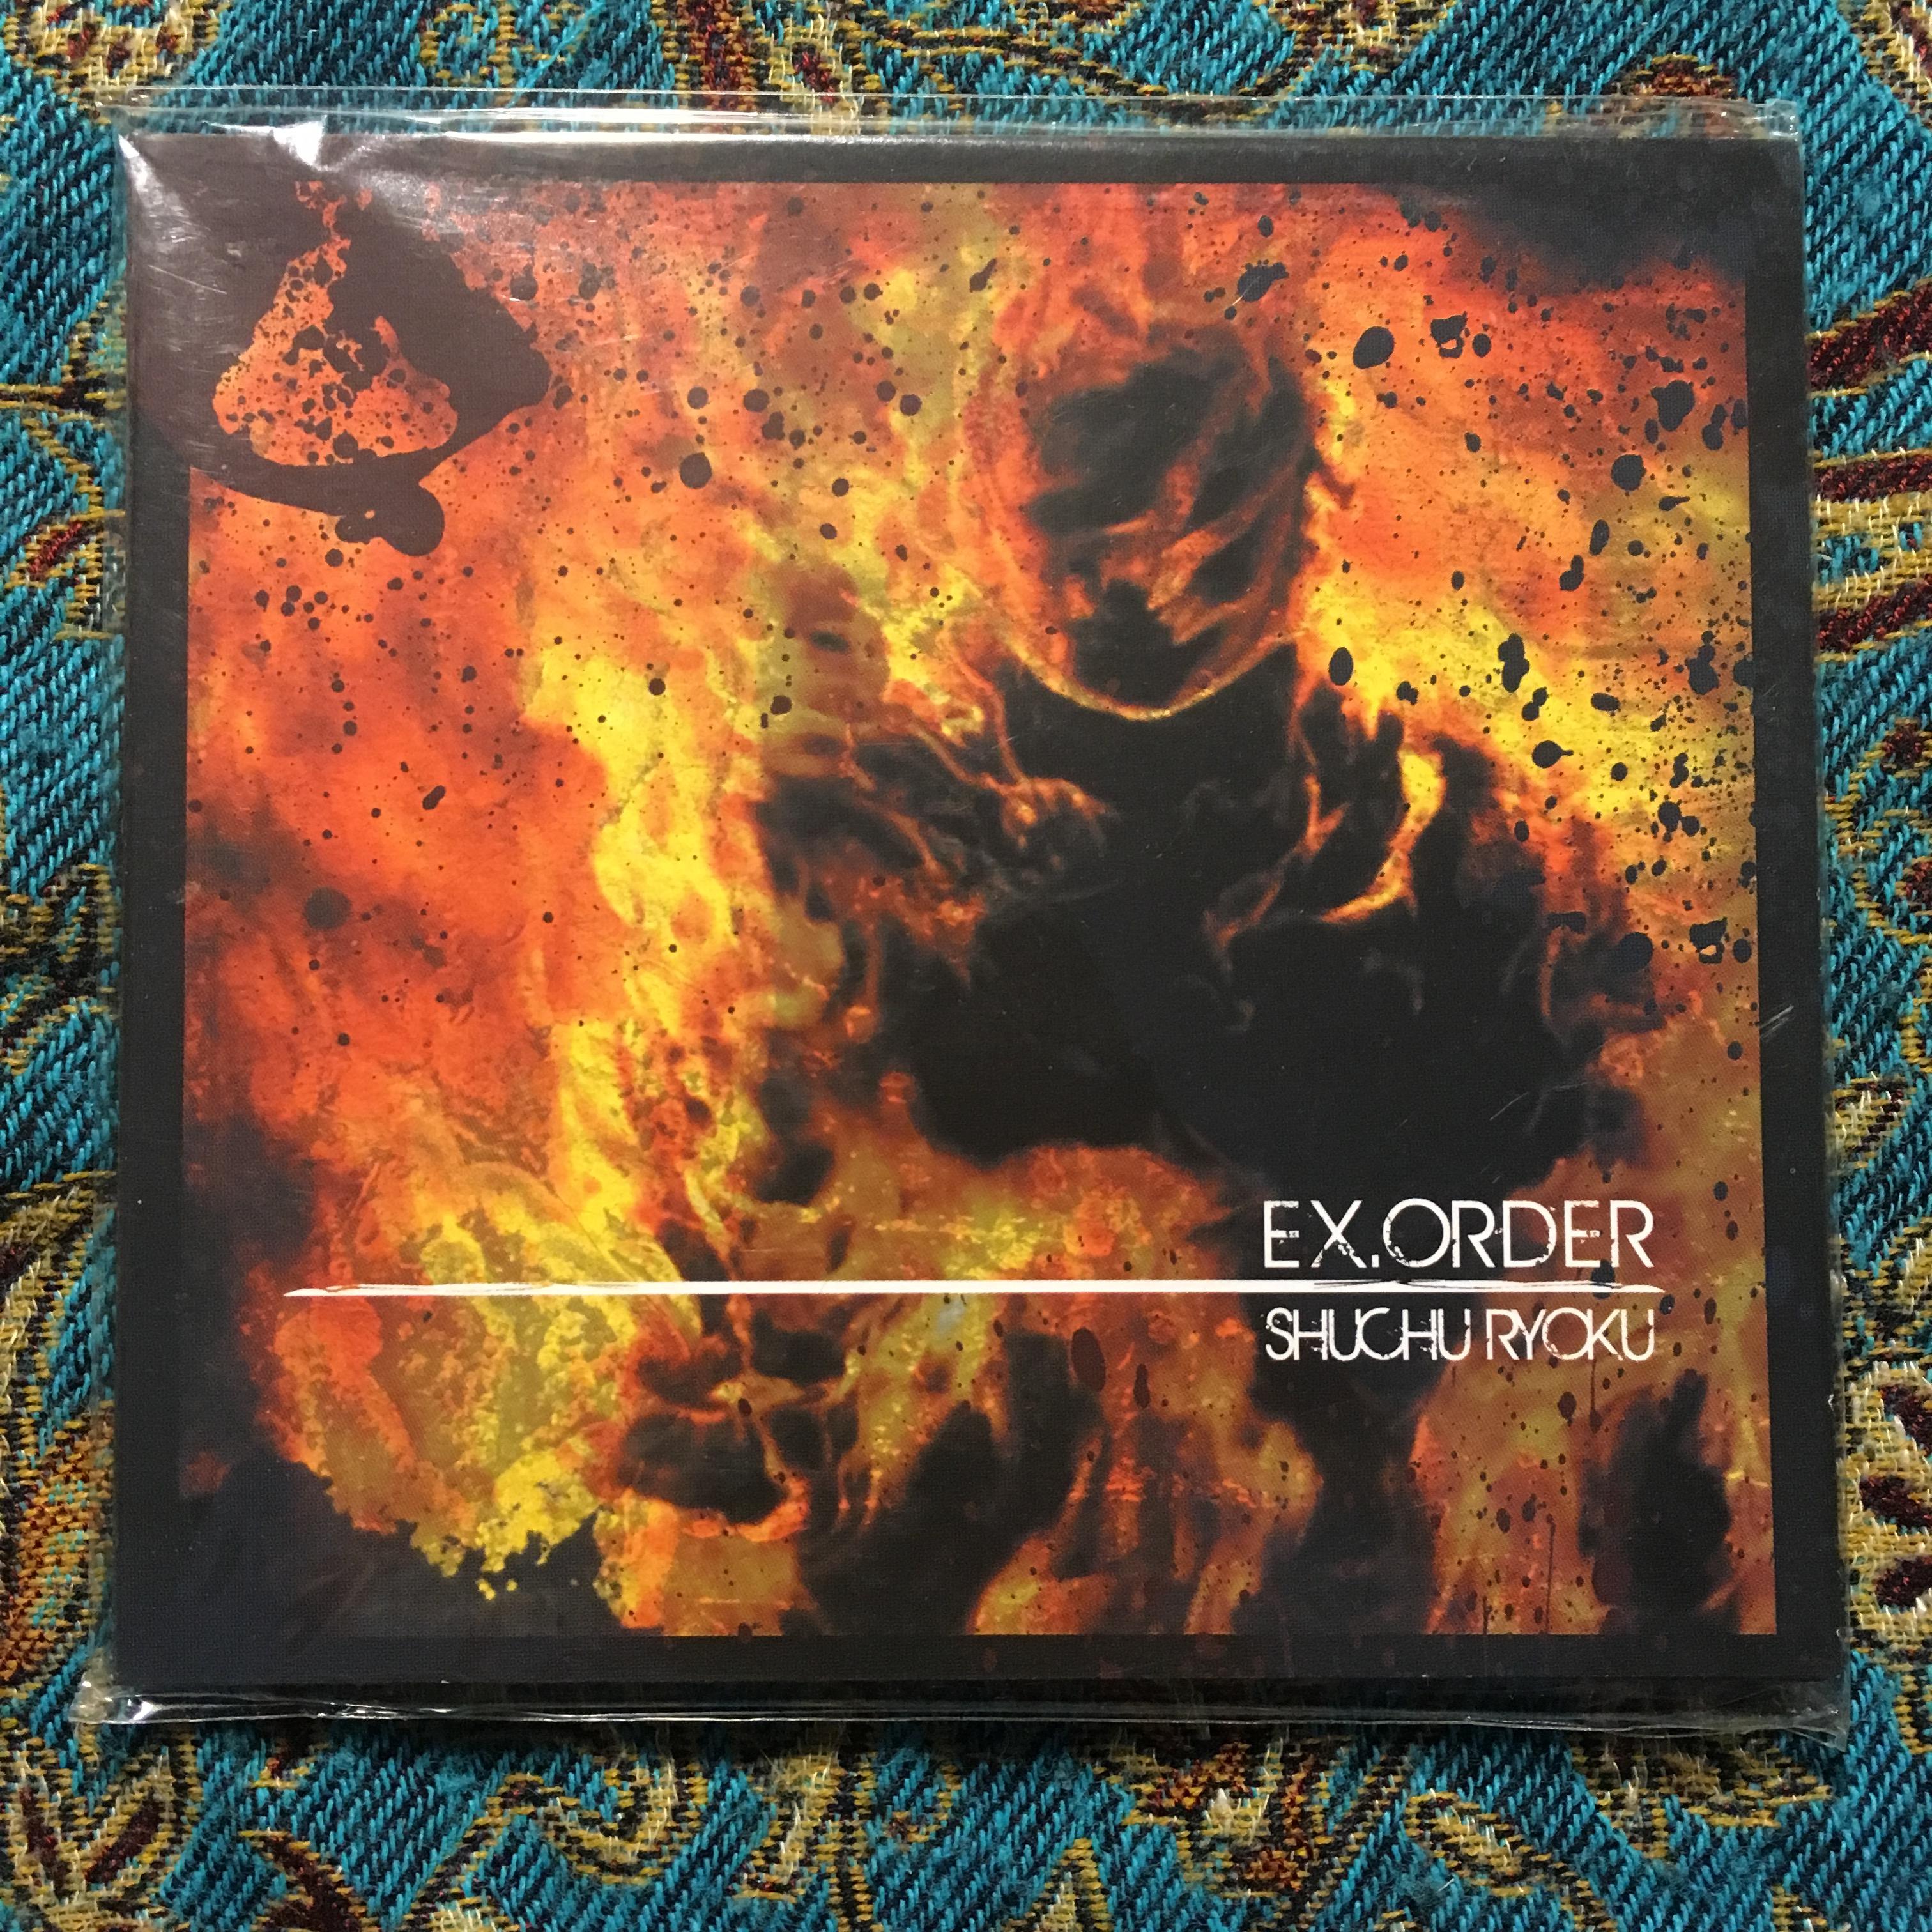 EX.ORDER – Shuchu Ryoku CD